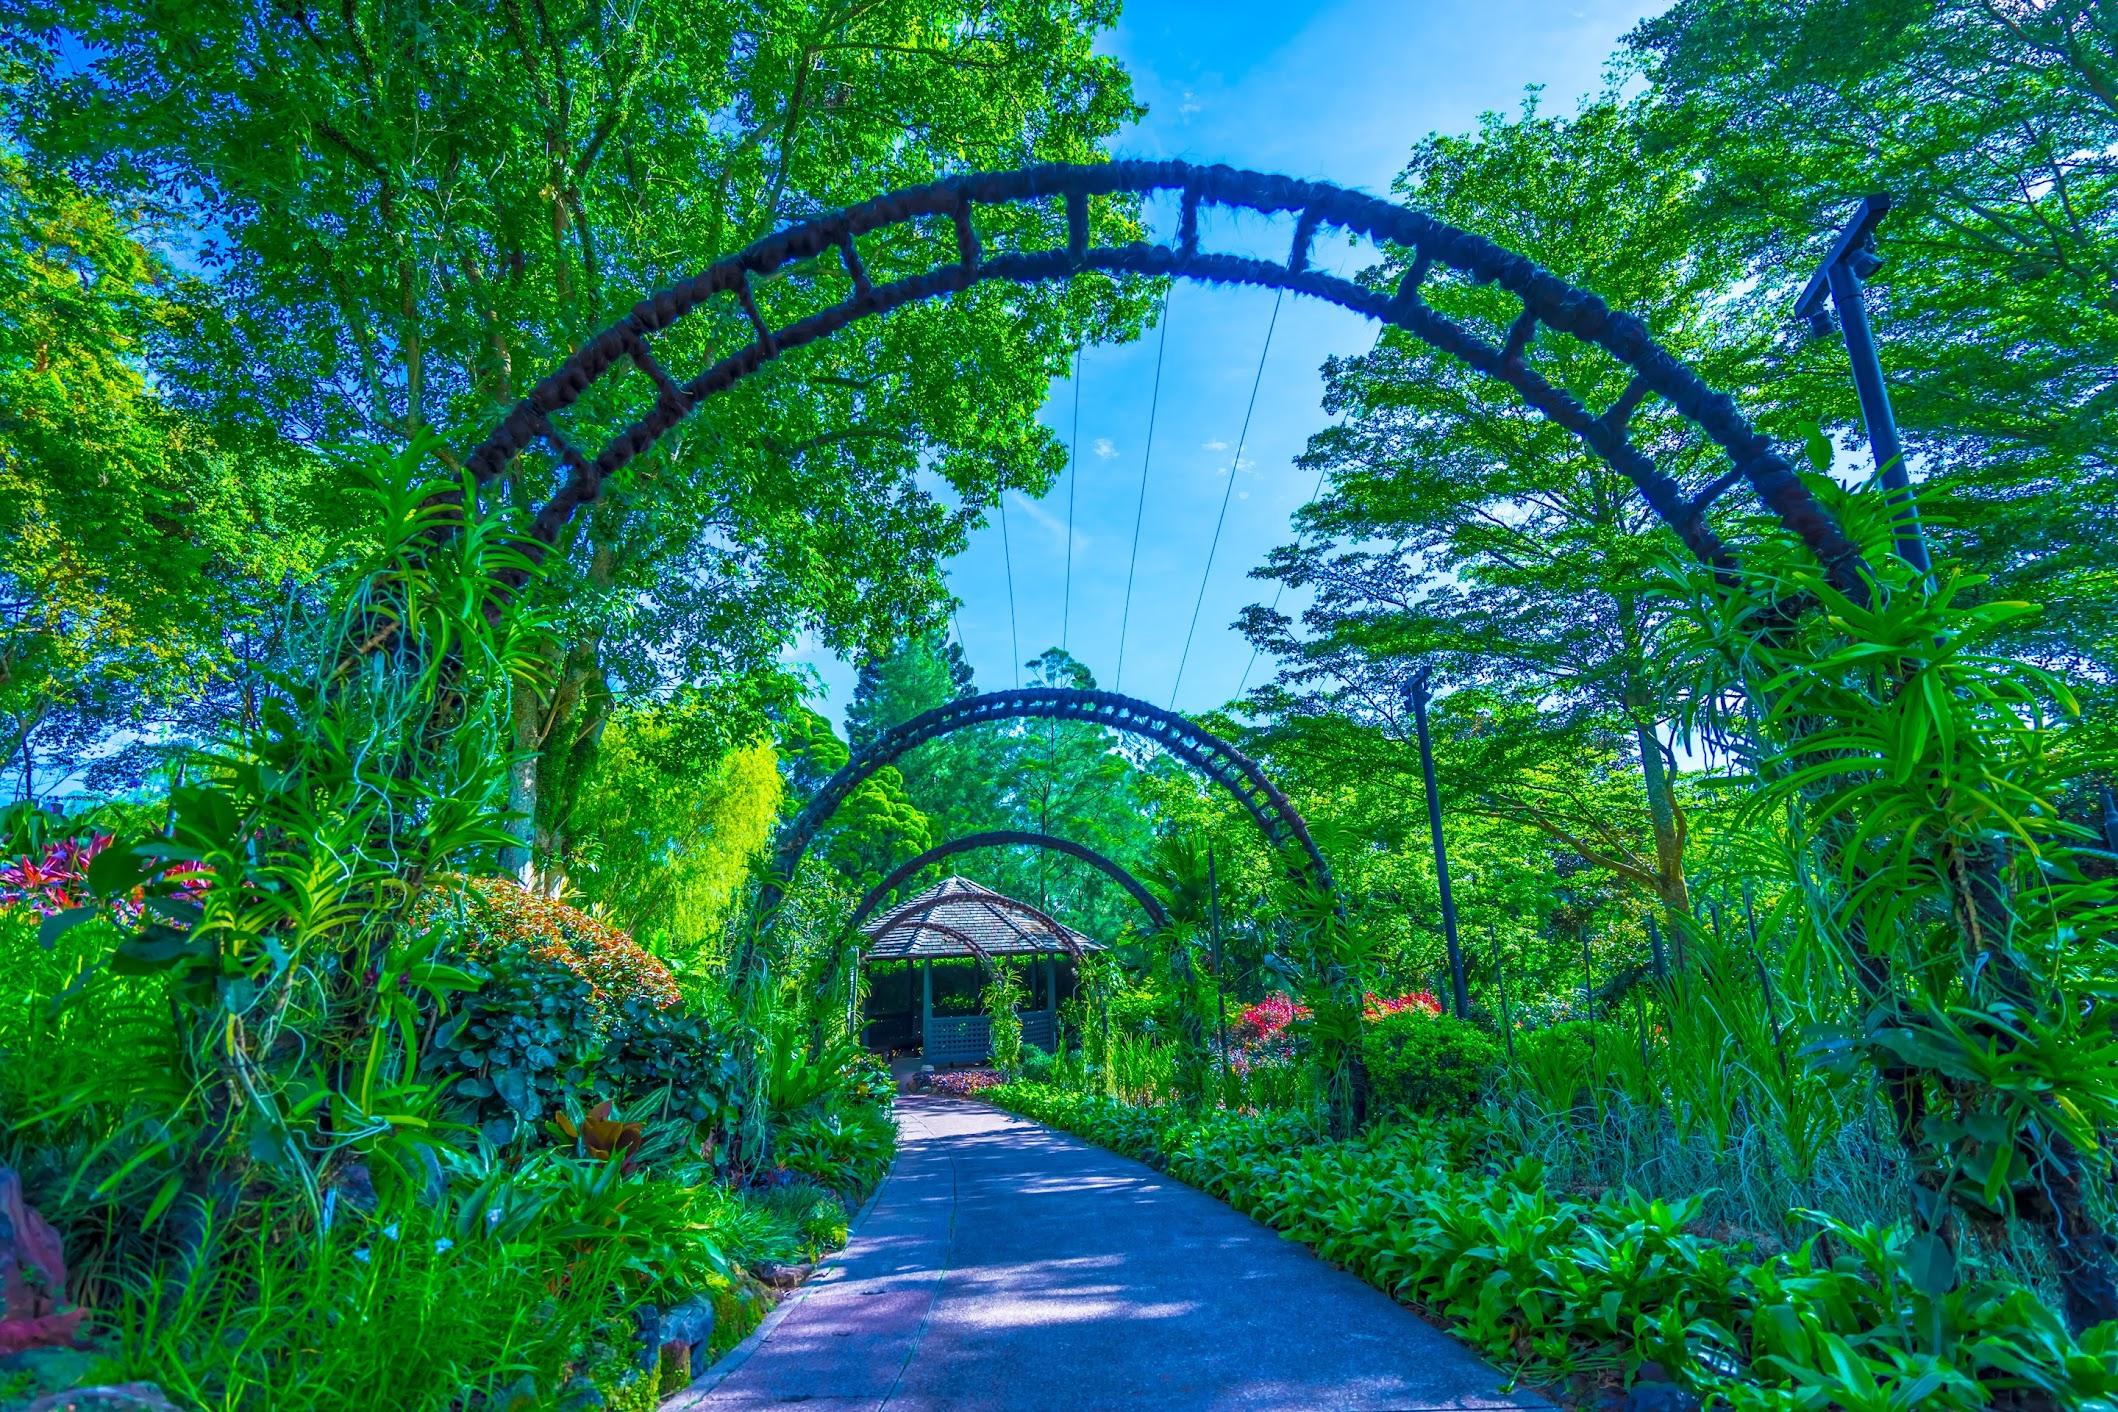 シンガポール植物園(ボタニック・ガーデン) ナショナル・オーキッド・ガーデン(国立ラン園)3